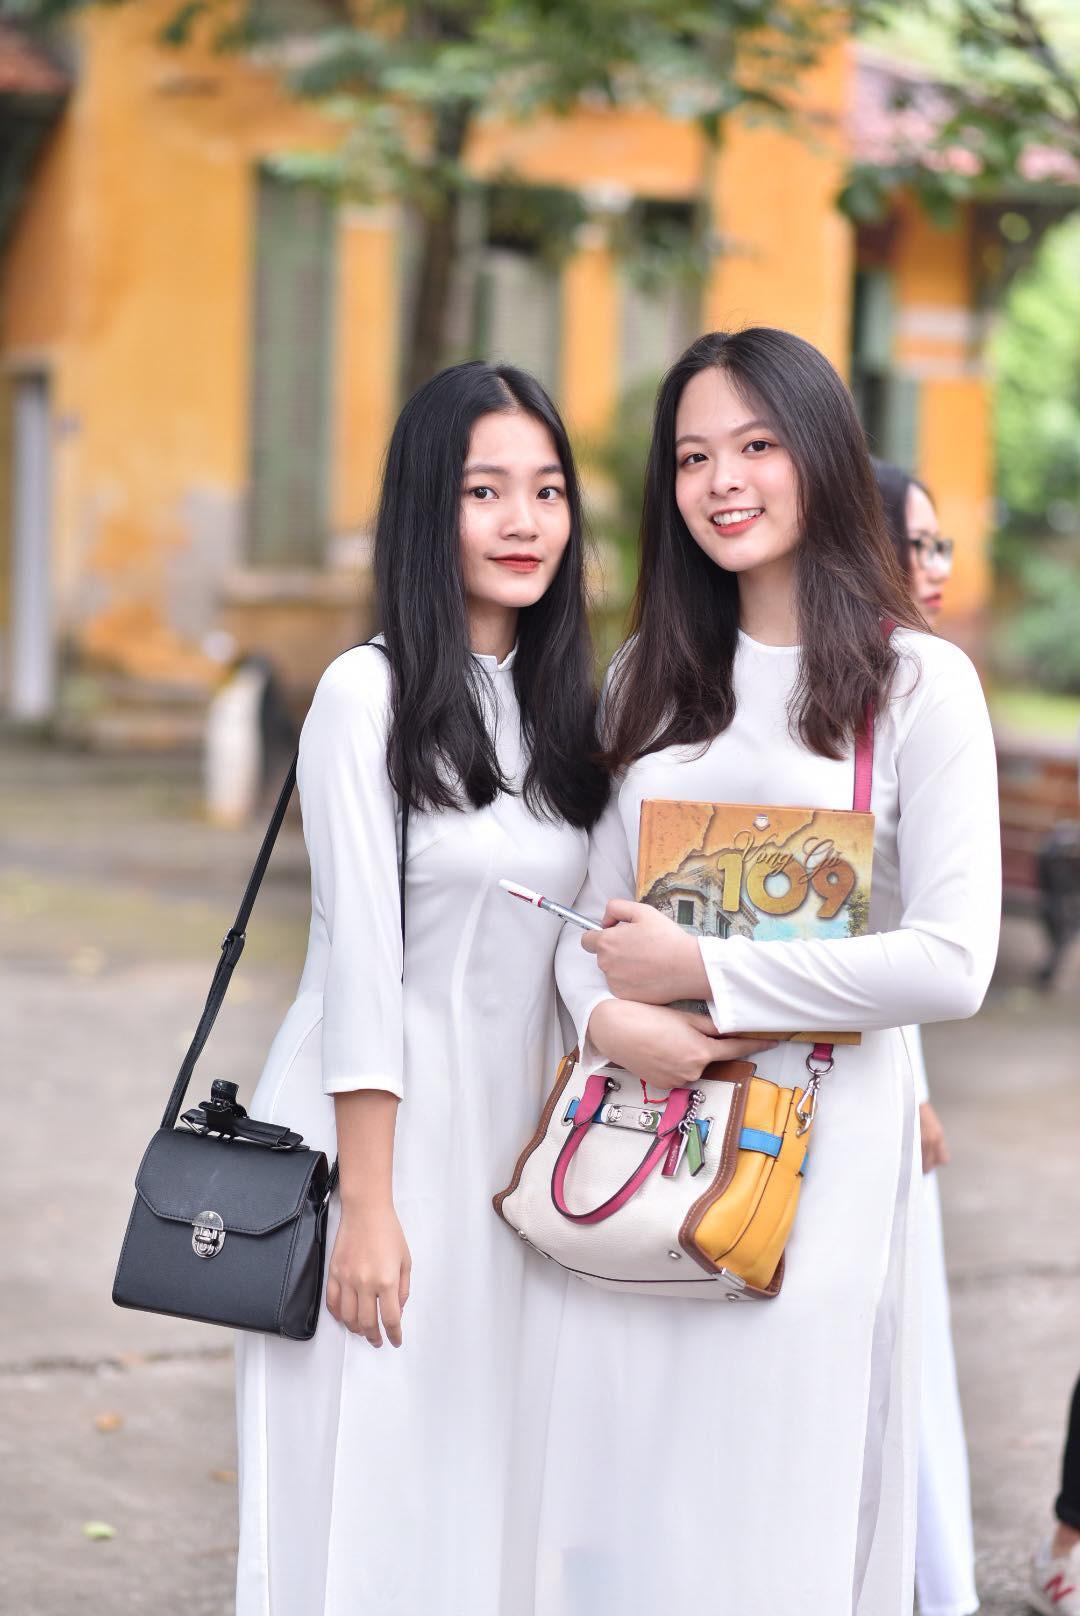 Đặc sản mùa bế giảng: Con gái Hà Nội chỉ cần diện áo dài trắng thôi là xinh hết phần người khác rồi! - Ảnh 15.